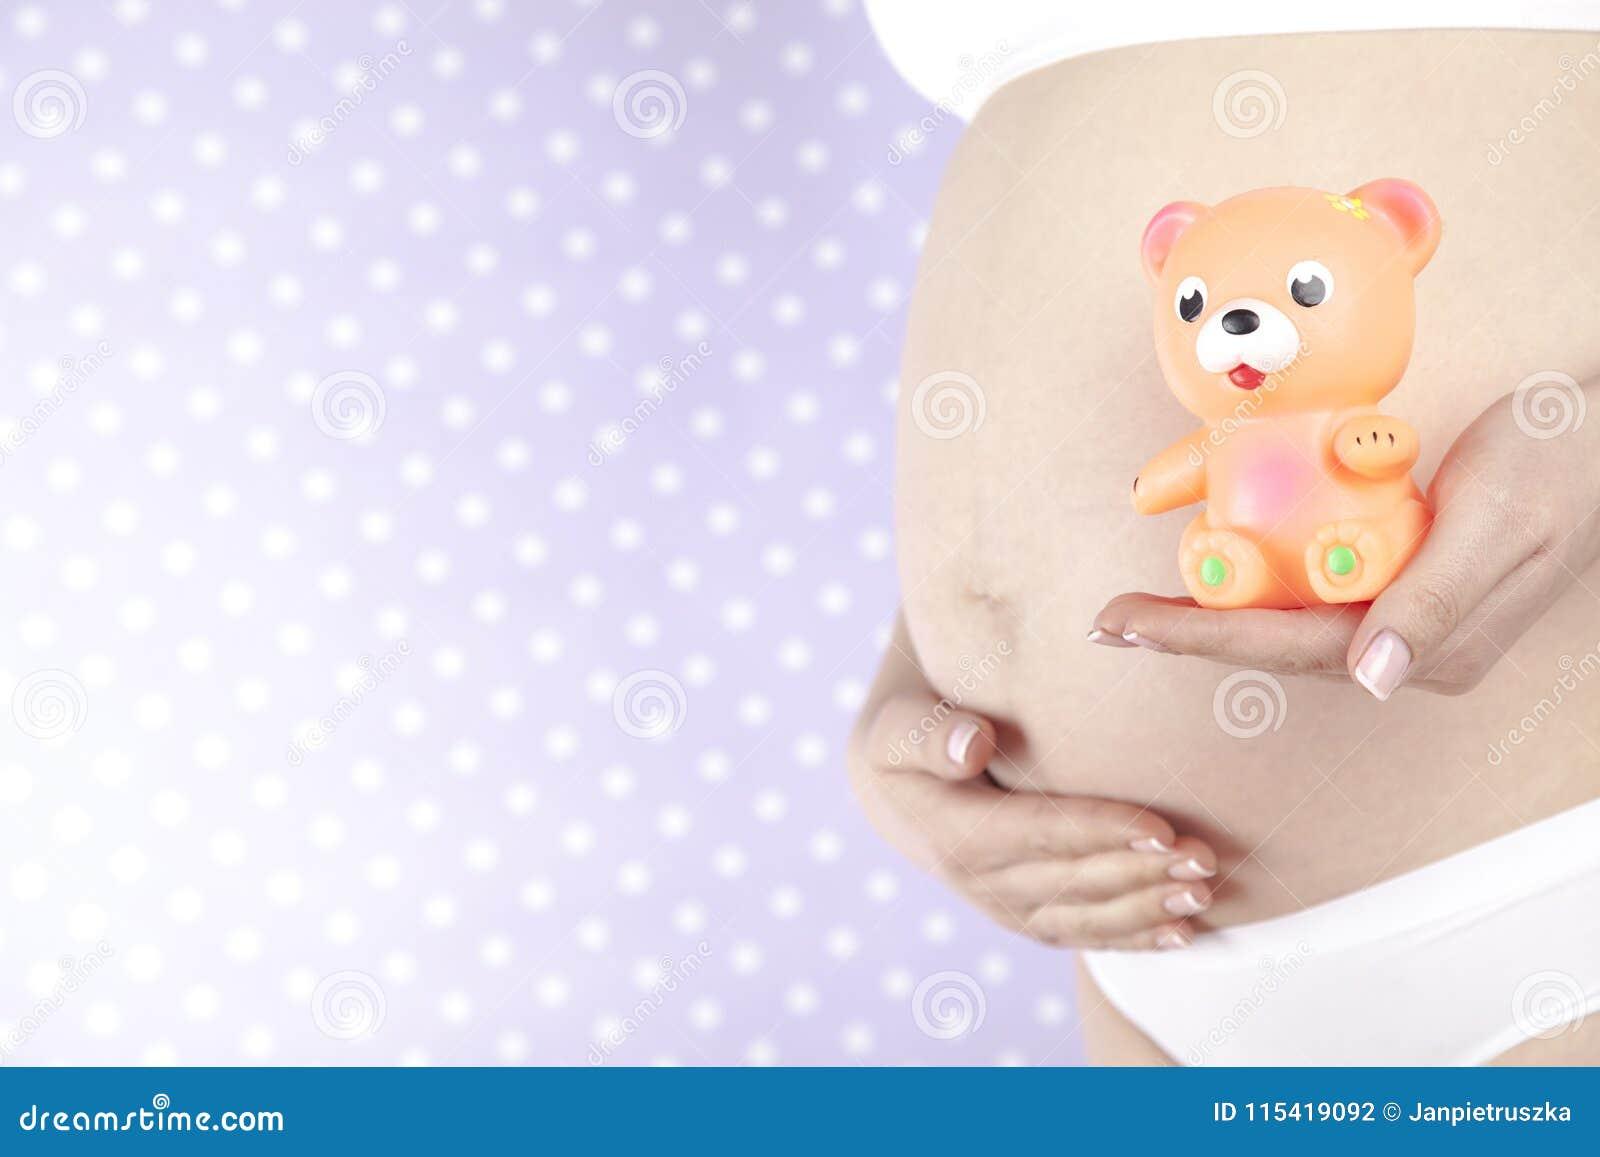 Παιχνίδι, ευτυχής έγκυος γυναίκα